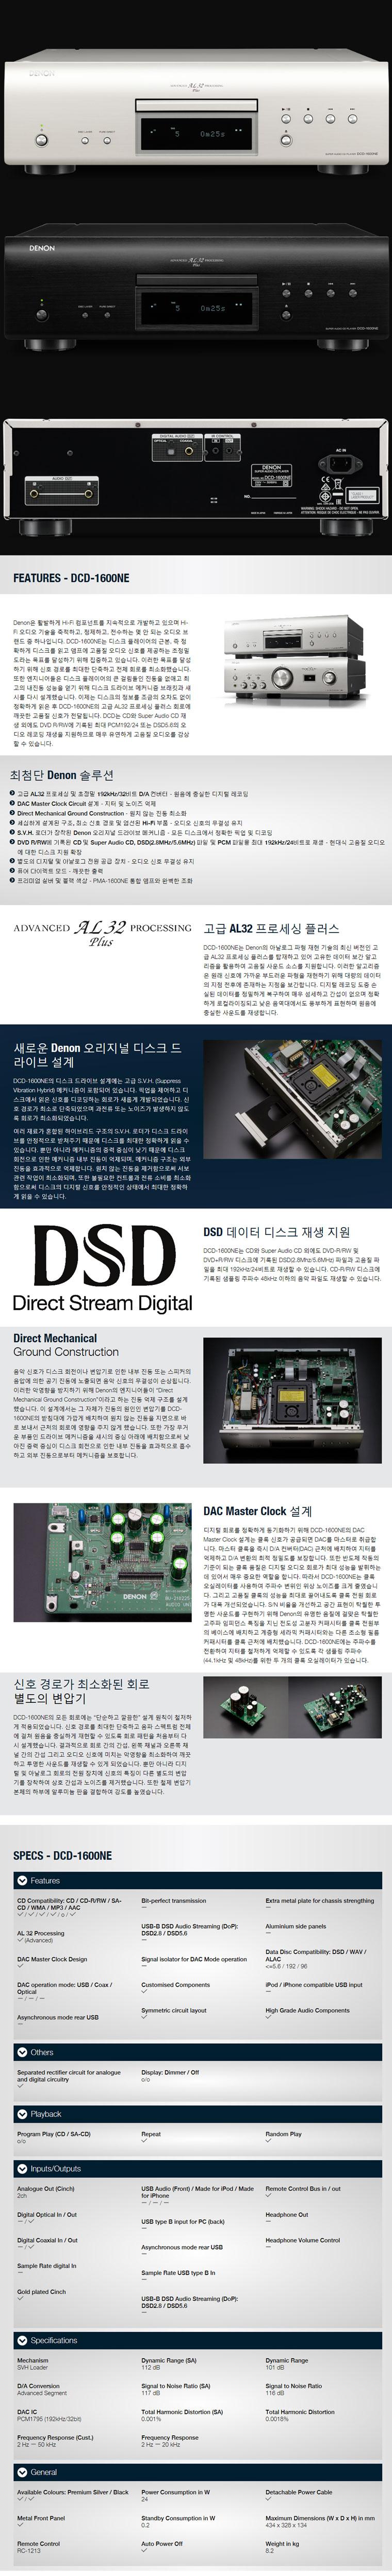 DENON_DCD-1600NE_detail.jpg